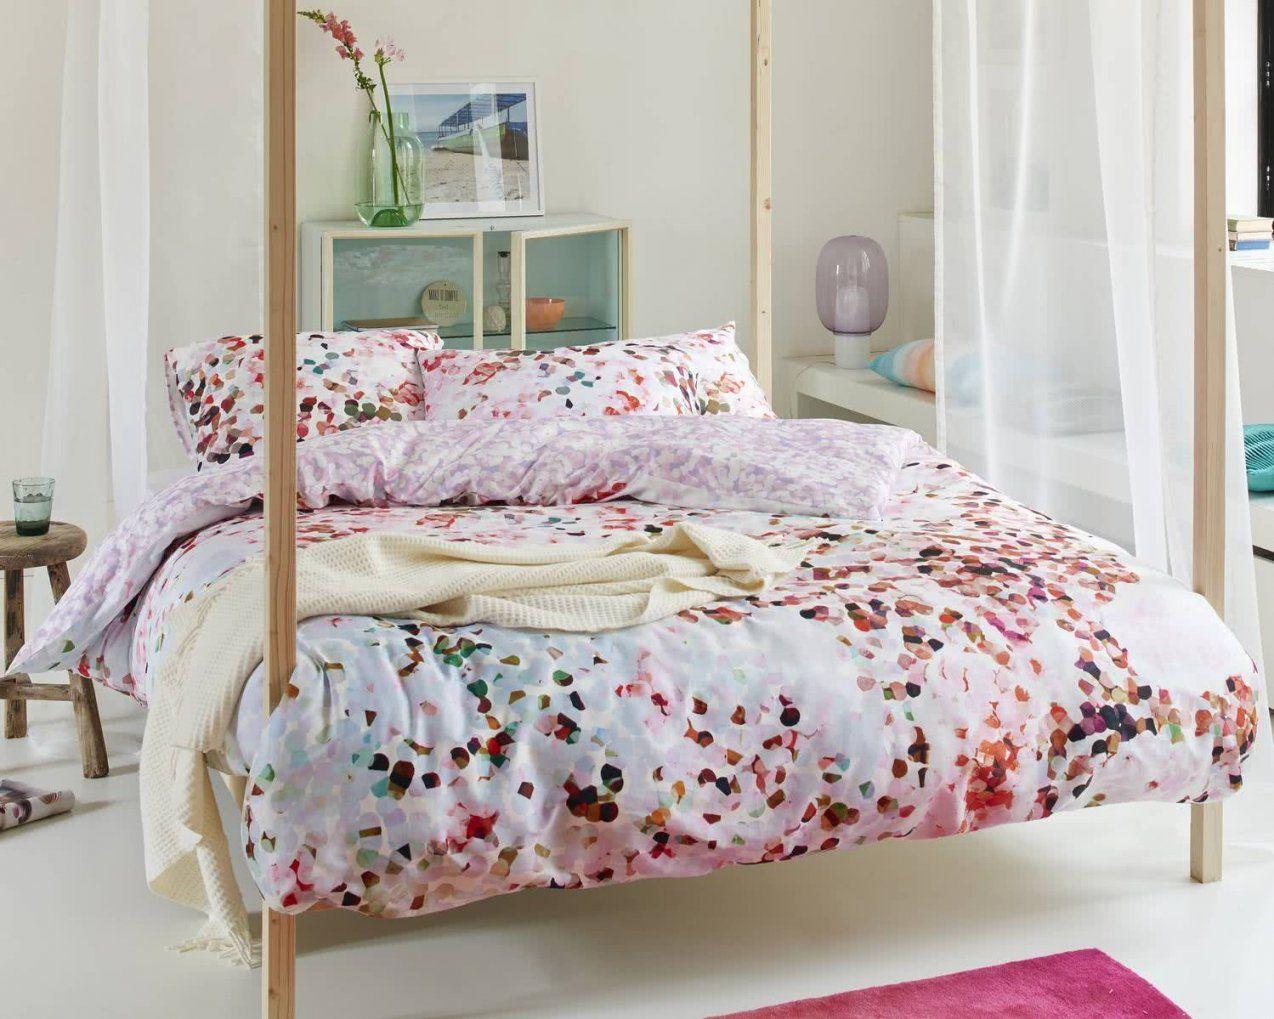 qvc bettw sche winter winnie puuh bettw sche kleiderschr nke unter dachschr ge kolonialstil. Black Bedroom Furniture Sets. Home Design Ideas